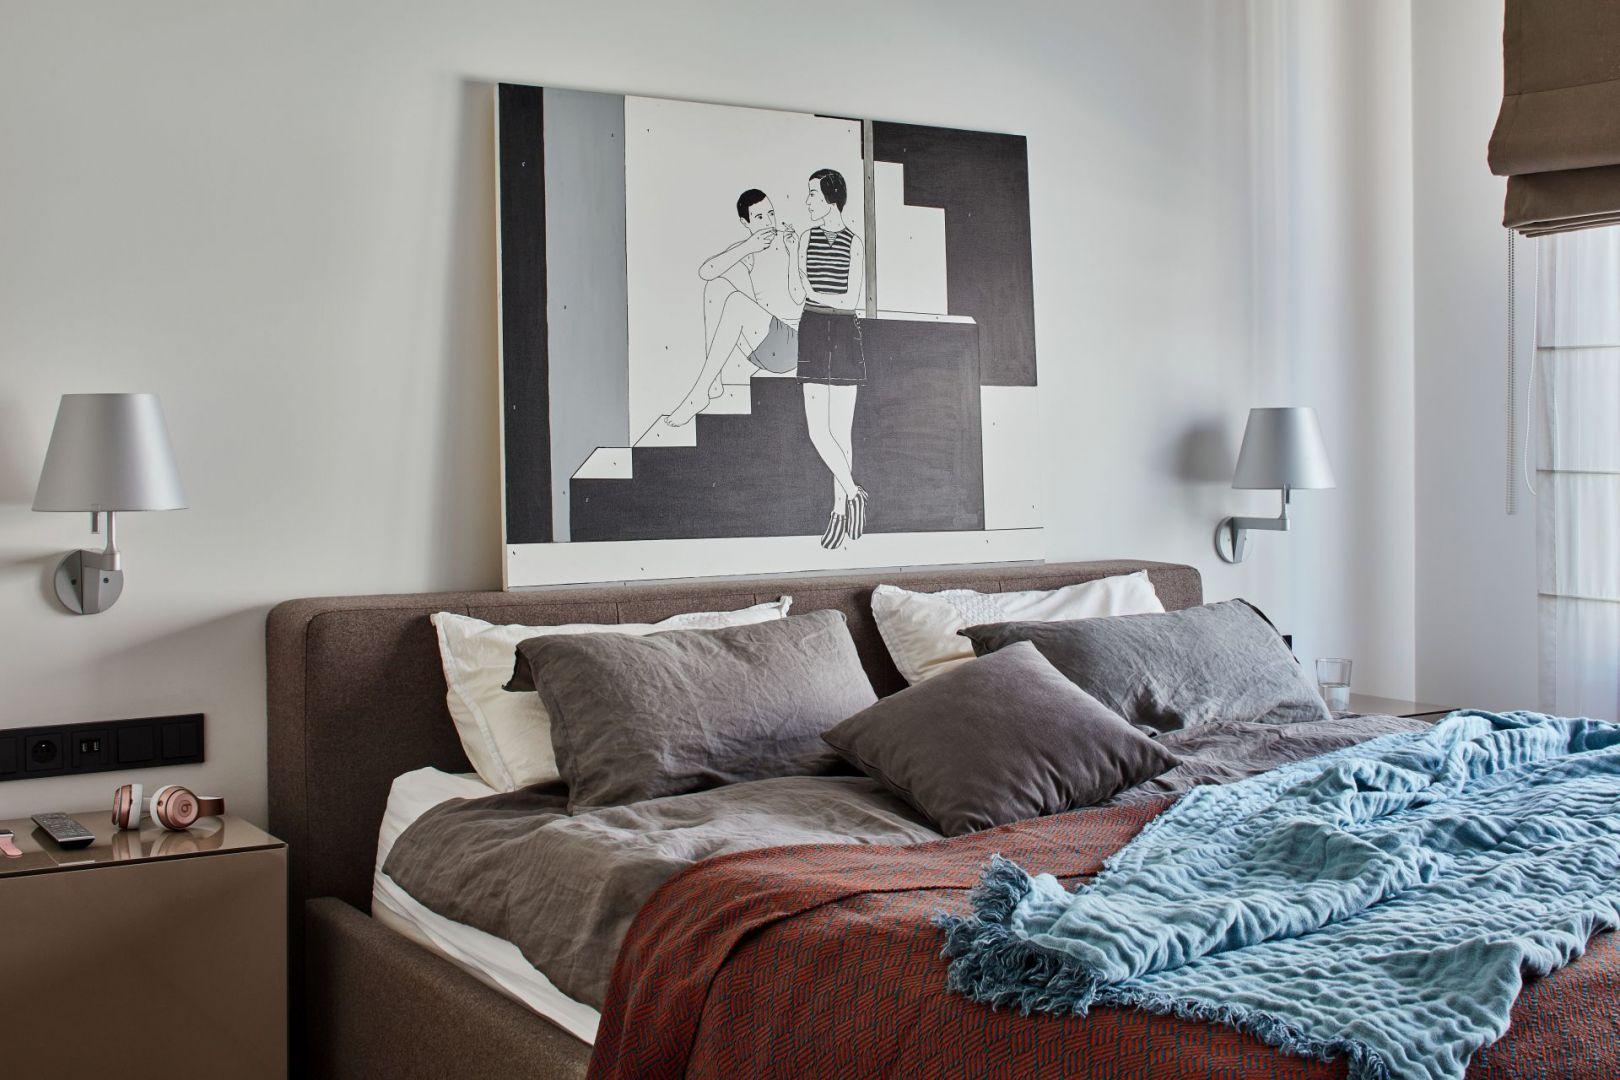 W tej sypialni kolory ziemi zestawiono z pięknym obrazem na ścianie nad łóżkiem. Projekt Bibianna Stein-Ostaszewska Bibi Space. Zdjęcia Olo Studio